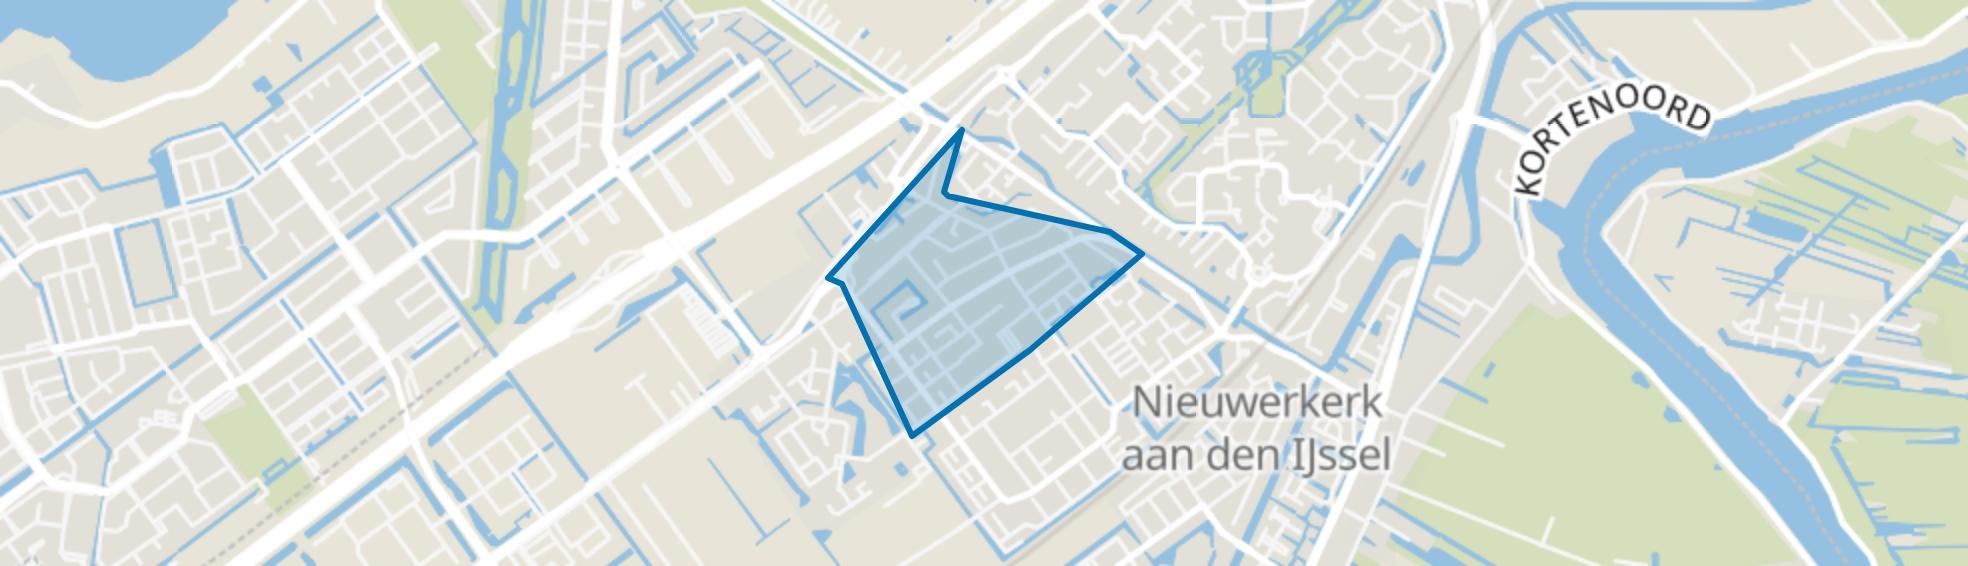 Dorrestein-Noord, Nieuwerkerk aan den IJssel map